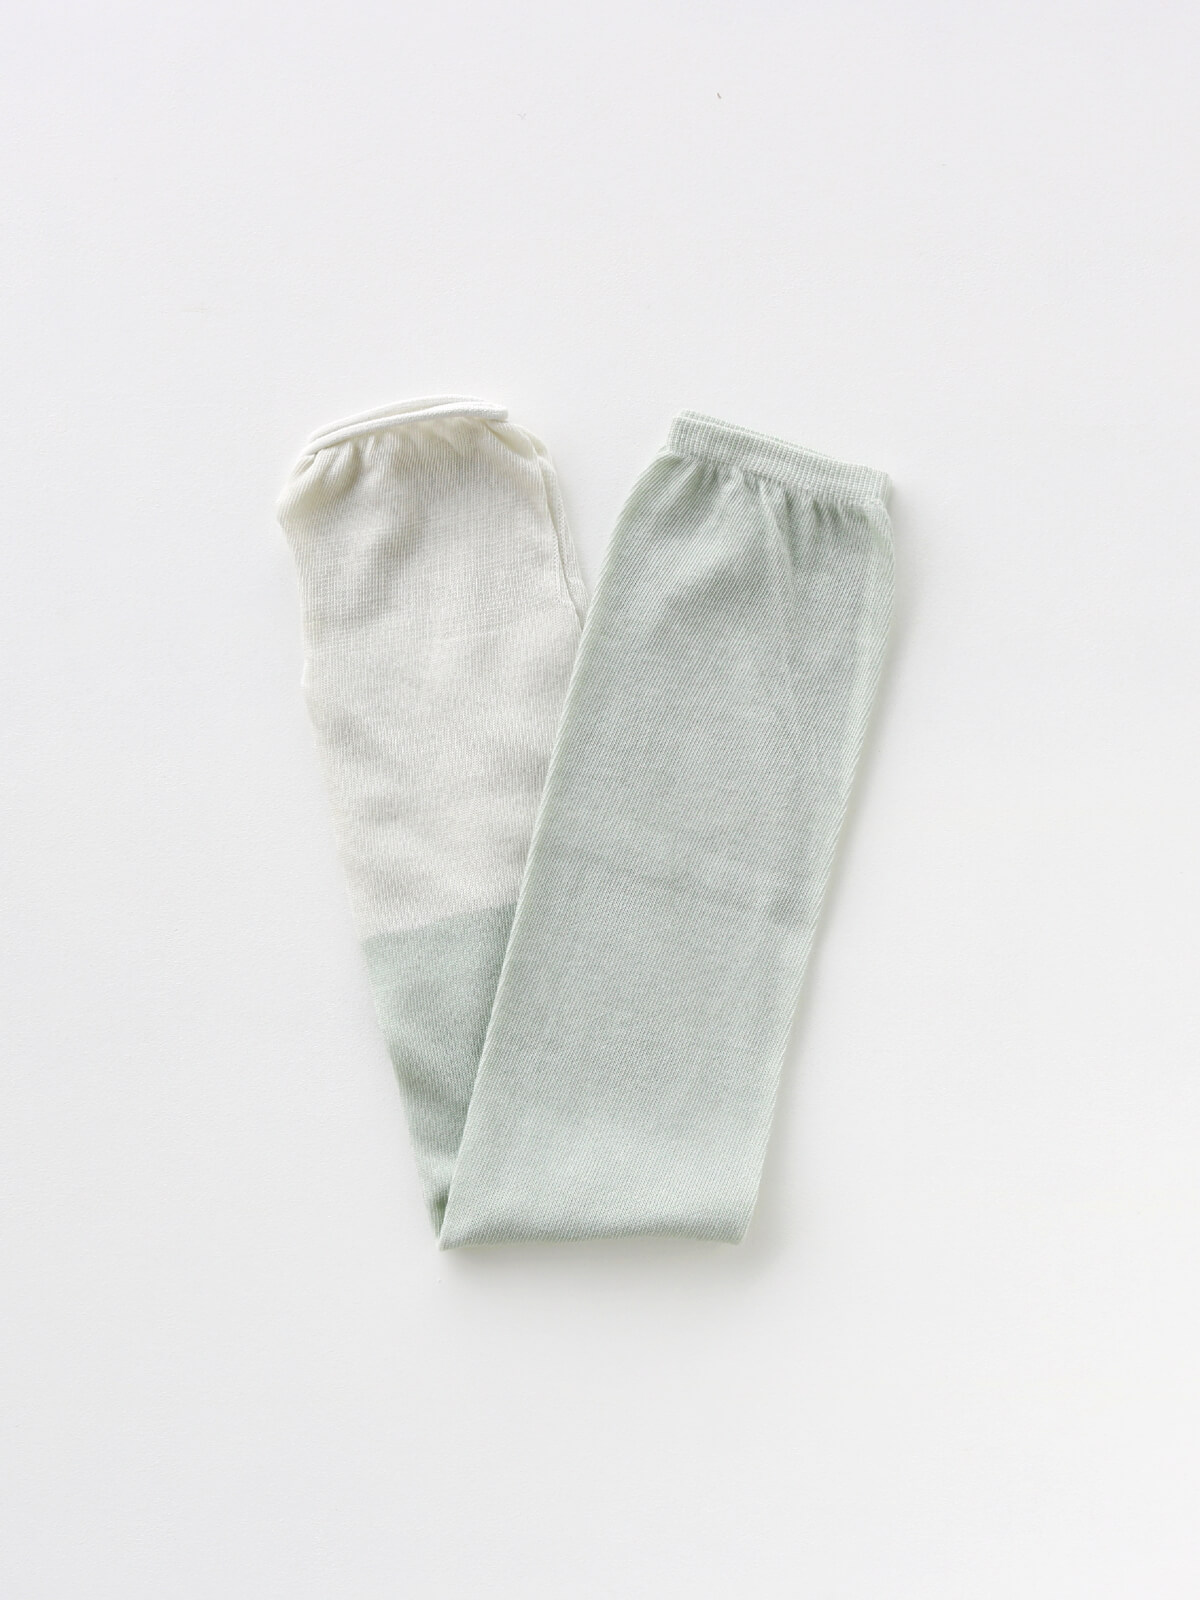 当たりつきギフト専用靴下のLUCKY SOCKS(ラッキーソックス)のSunscreen 2tone Armcover(サンスクリーン2トーンアームカバー)のペールミント×ミスト_2